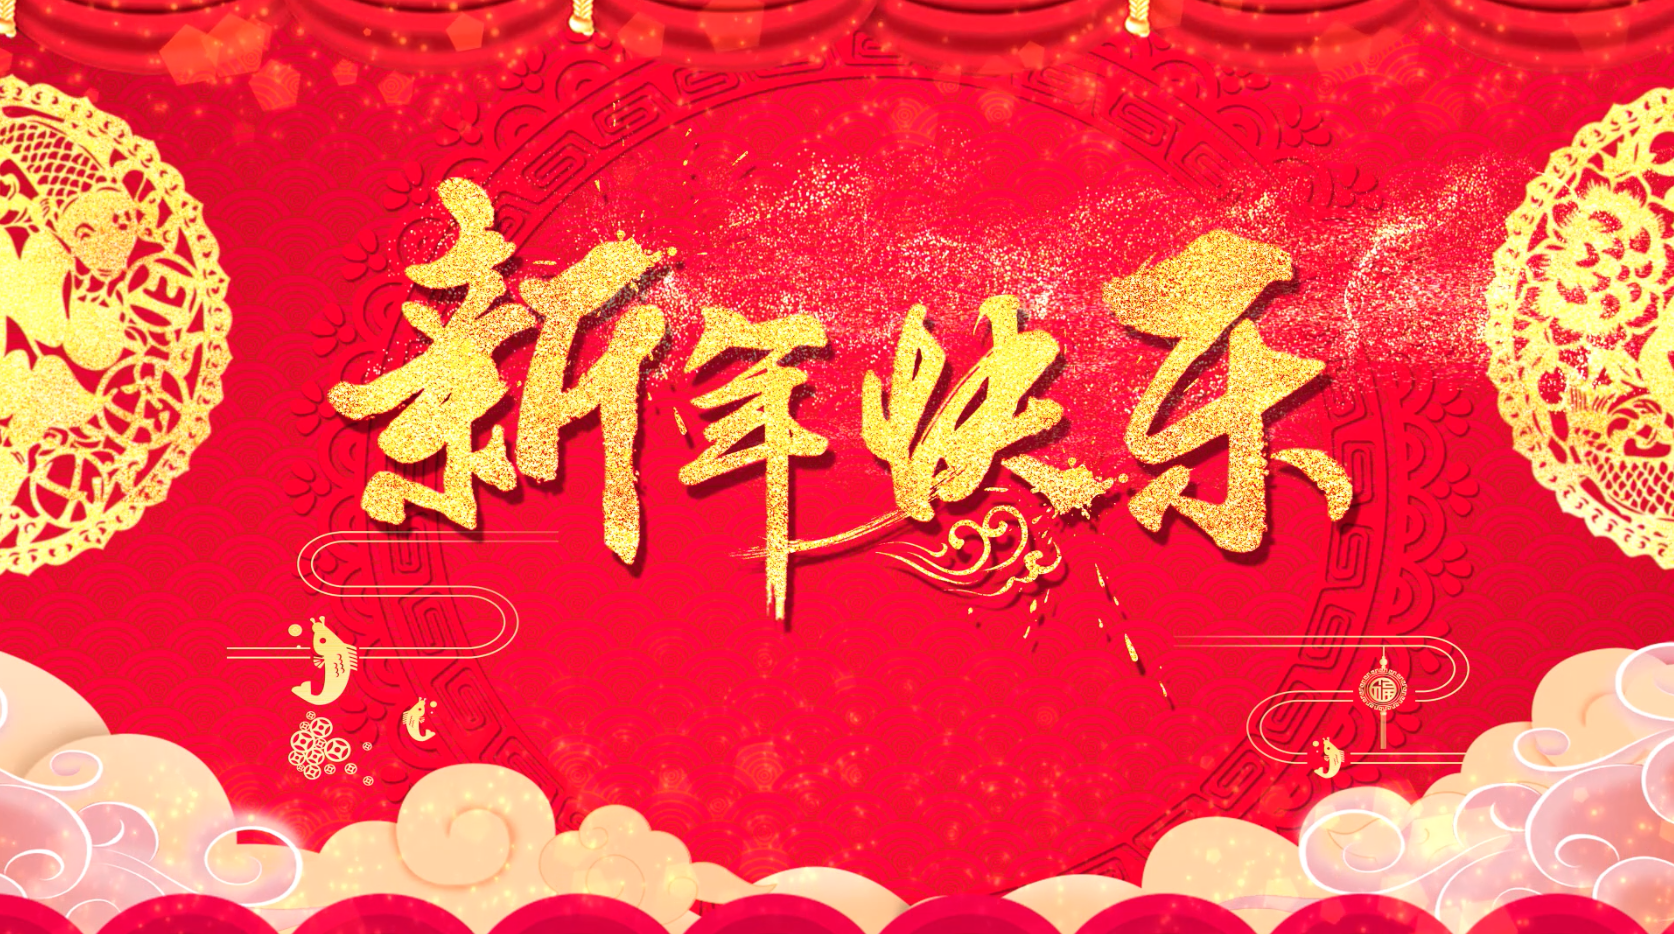 屏幕快照 2020 11 14 下午2.27.28 - 新年快乐led大屏背景视频